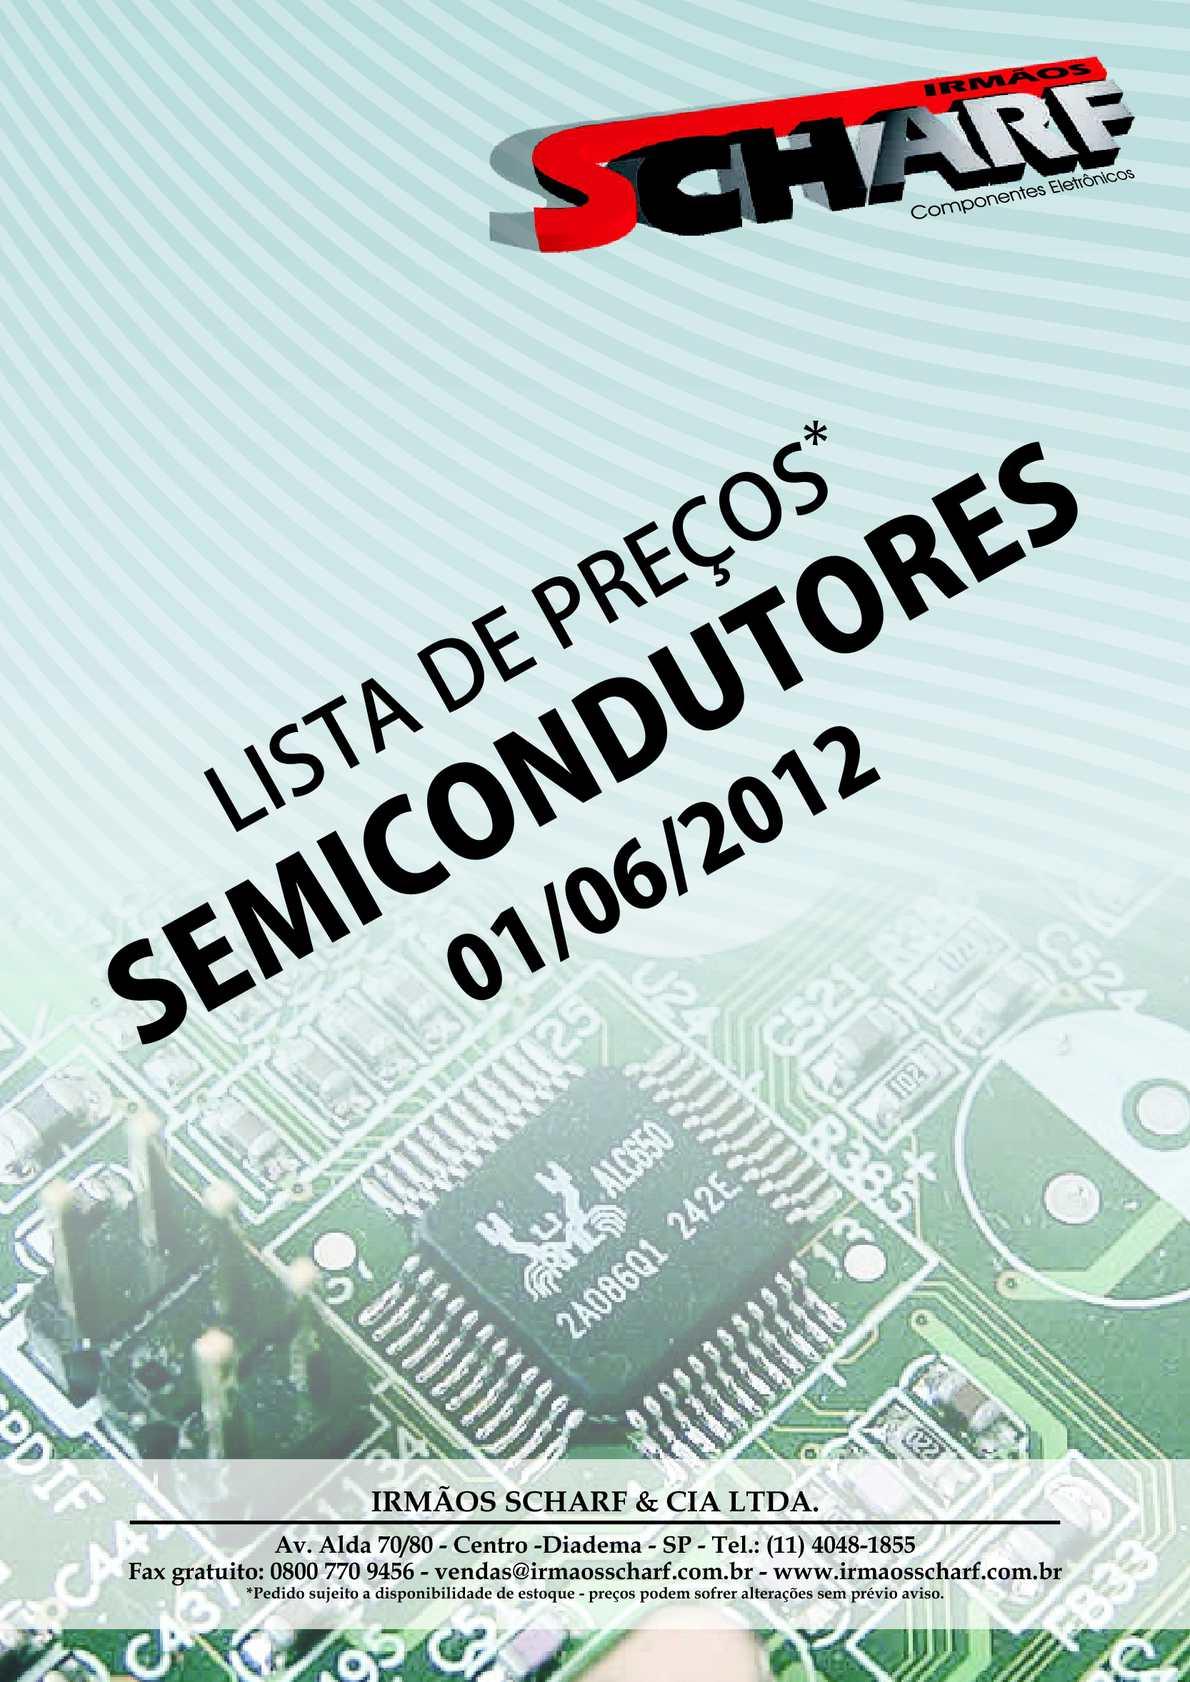 Calaméo - Catálogo Semiconutores